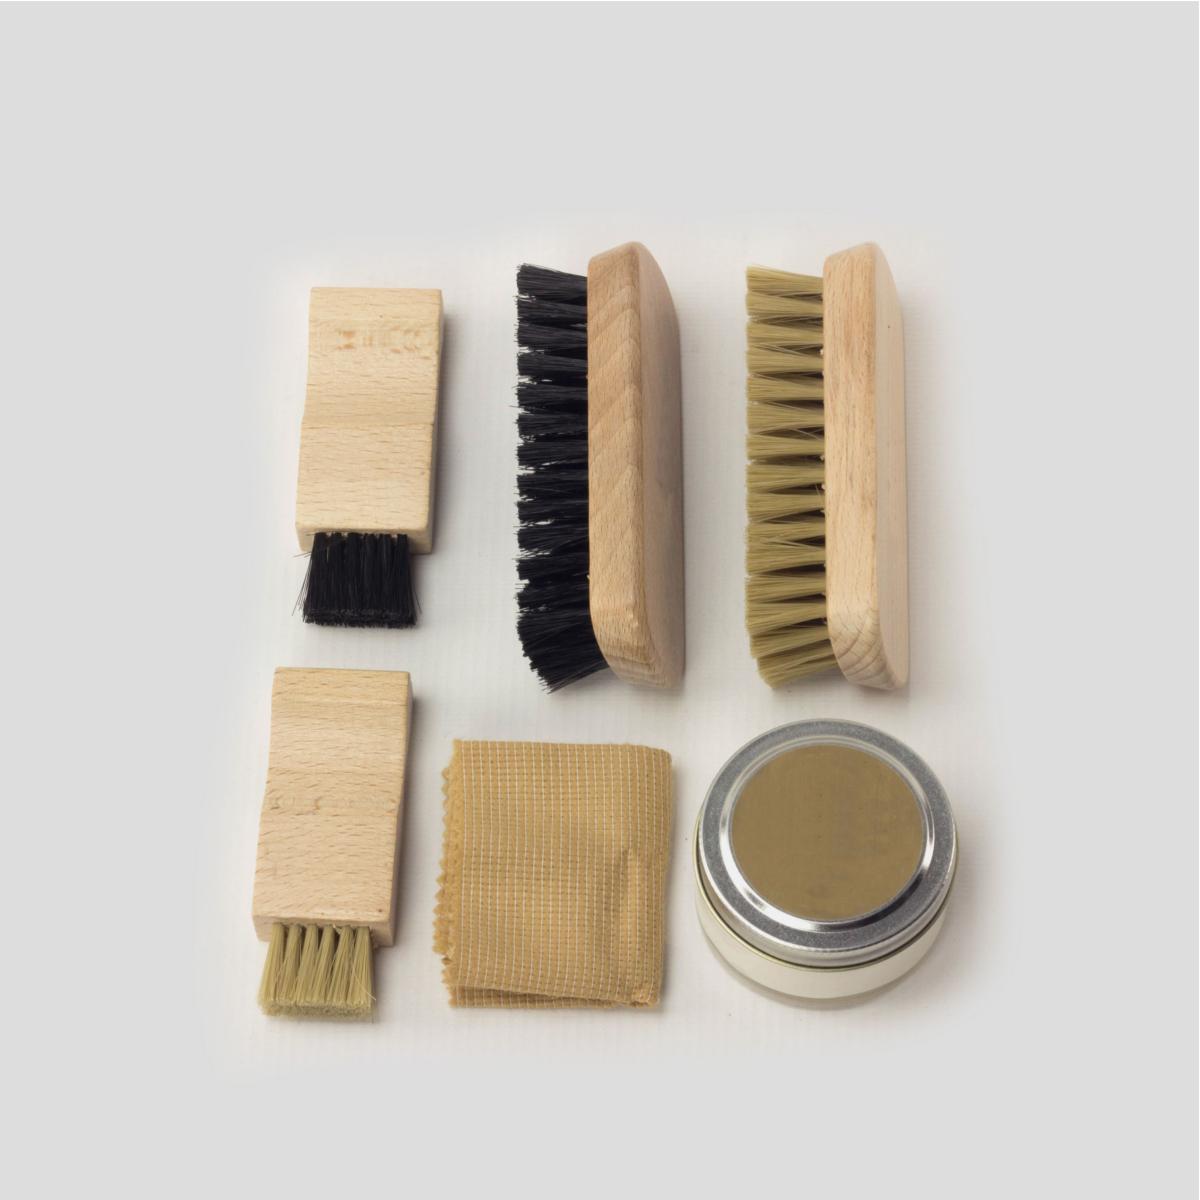 Kit de limpieza para zapatos de piel